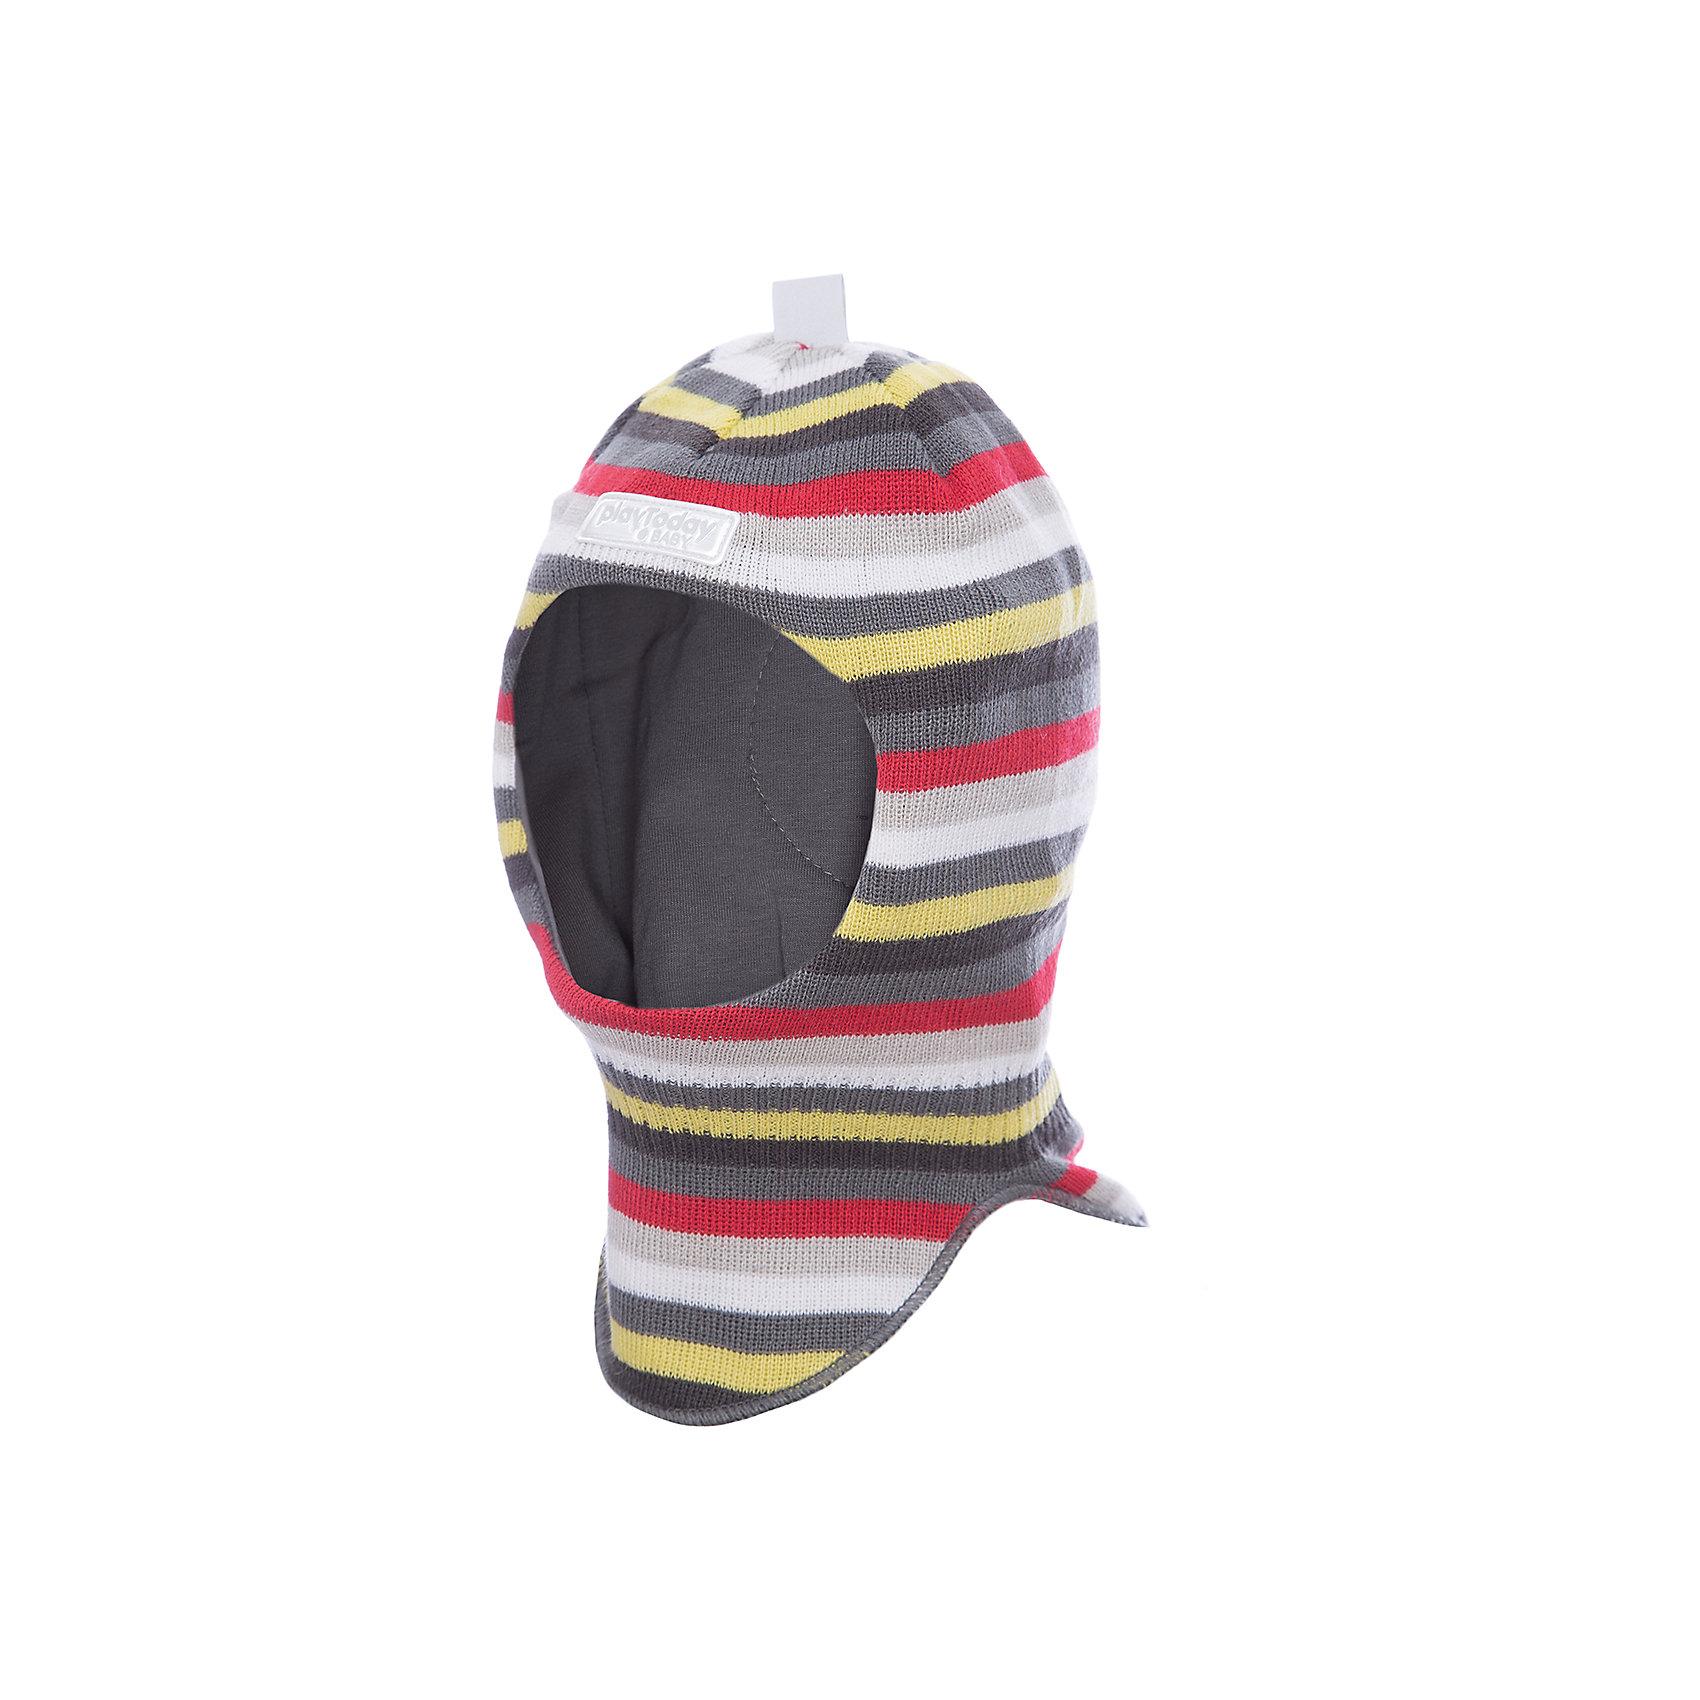 Шапка-шлем PlayToday для мальчикаДемисезонные<br>Шапка-шлем PlayToday для мальчика<br>Шапка - шлем - отличное решение для зимнего гардероба ребенка. Модель на подкладке из мягкого трикотажа. Специальные вставки защитят уши ребенка при сильном ветре. Шапка плотно прилегает к голове и комфортна при носке. Дополнена светоотражающими элементами. Ребенок будет виден в темное время суток.<br>Состав:<br>Верх: 100% акрил,  подкладка: 100% хлопок<br><br>Ширина мм: 89<br>Глубина мм: 117<br>Высота мм: 44<br>Вес г: 155<br>Цвет: белый<br>Возраст от месяцев: 12<br>Возраст до месяцев: 18<br>Пол: Мужской<br>Возраст: Детский<br>Размер: 48,46<br>SKU: 7109984